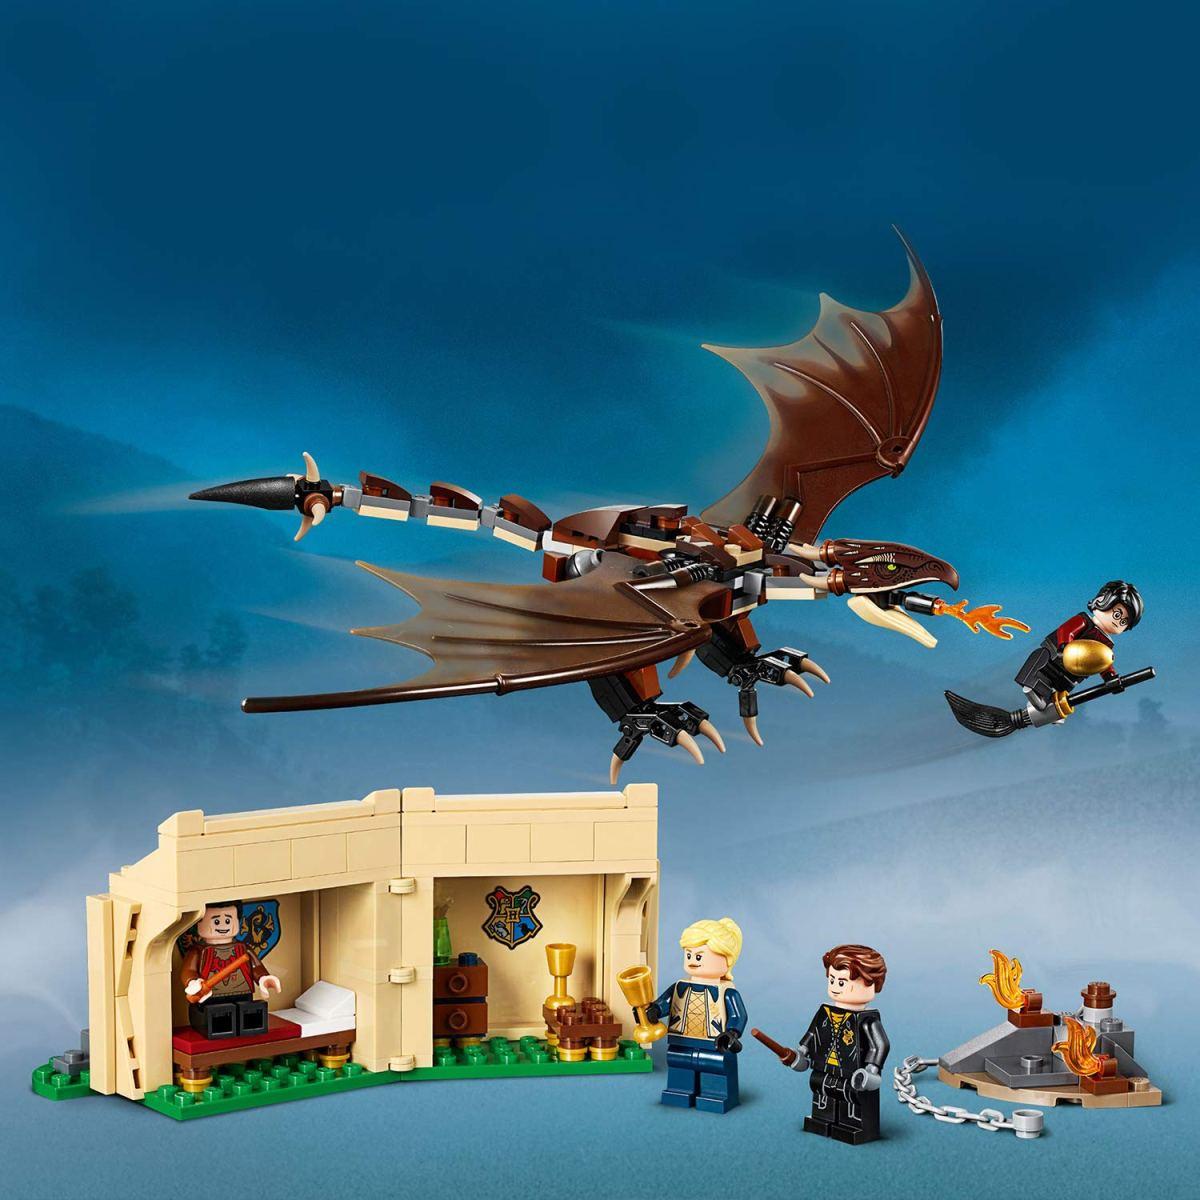 Return To Hogwarts Summer 2019 Lego Harry Potter Sets Official